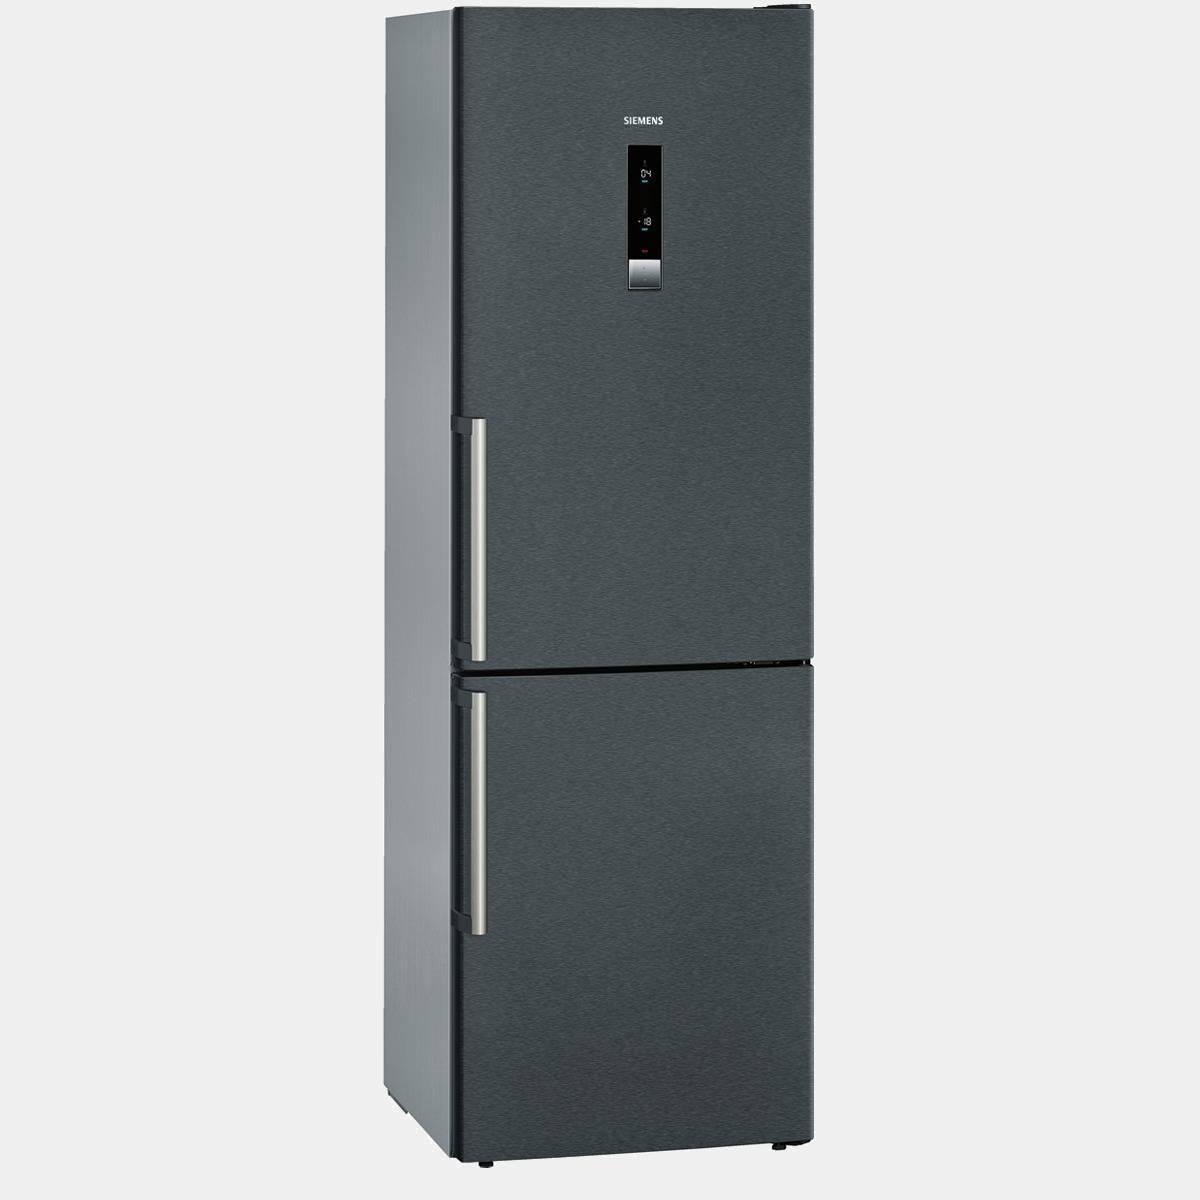 combi siemens kg36nxx30 negro de 185x60 no frost a. Black Bedroom Furniture Sets. Home Design Ideas